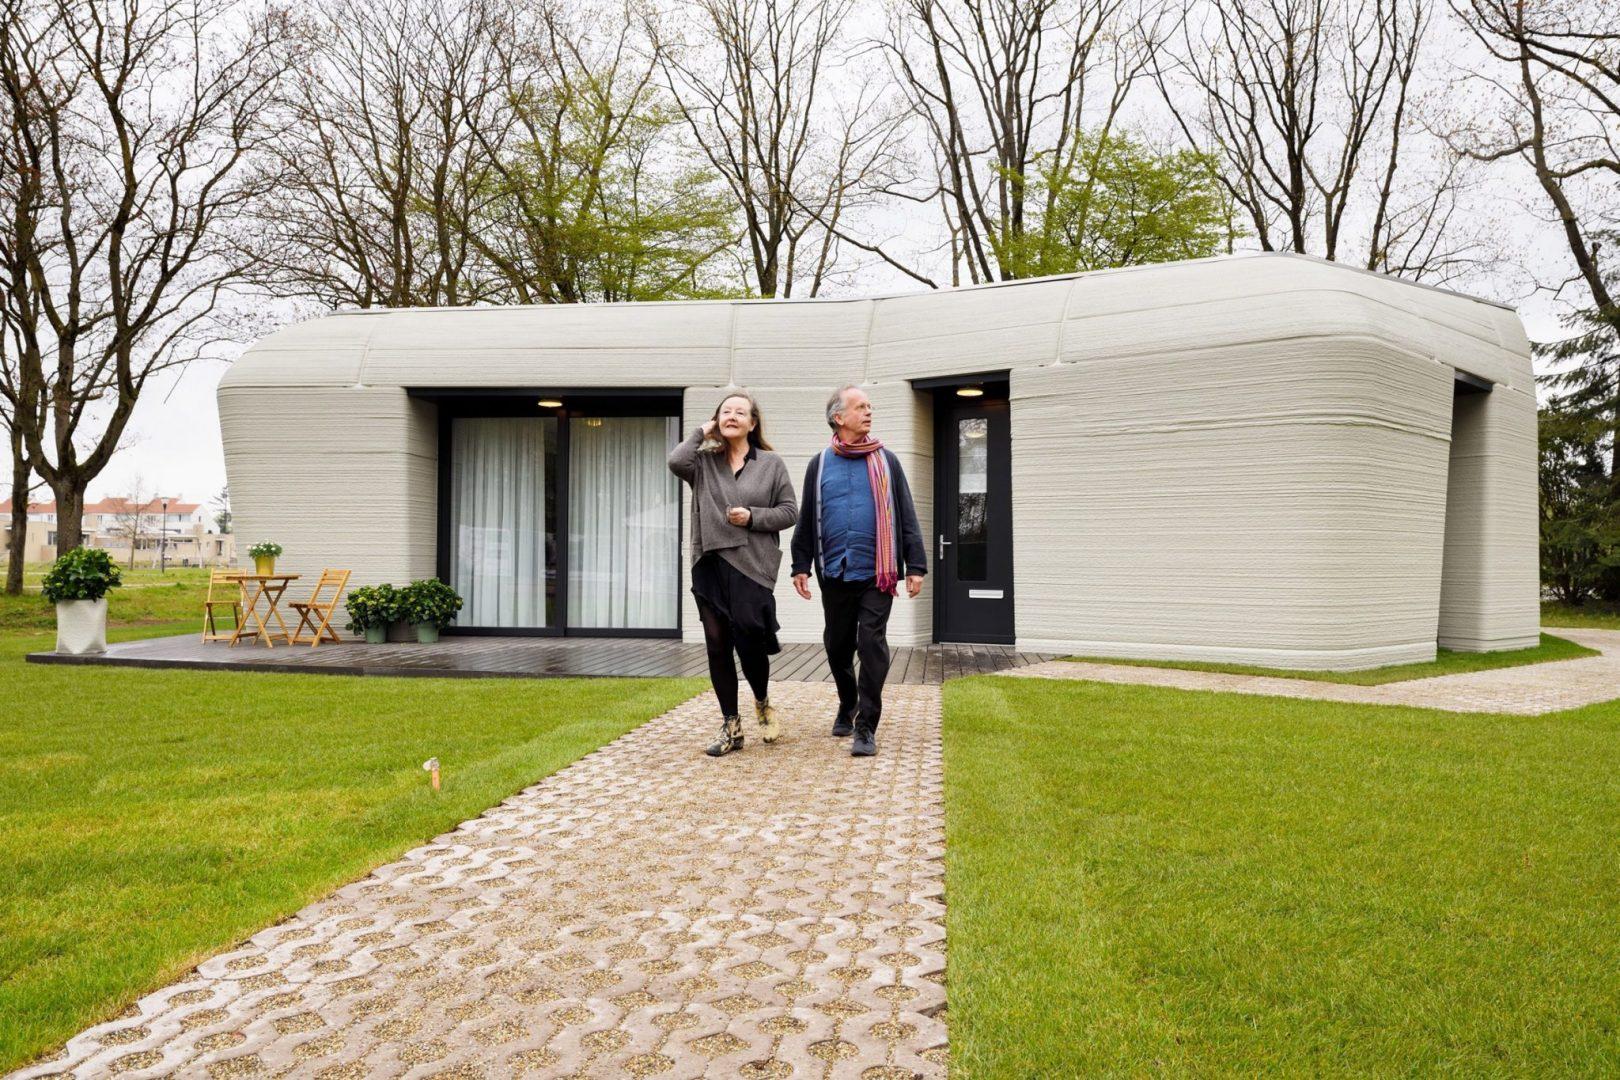 3D печат на къщи Готови ли сте да отпечатате бъдещия си дом-мечта? А1 Блог